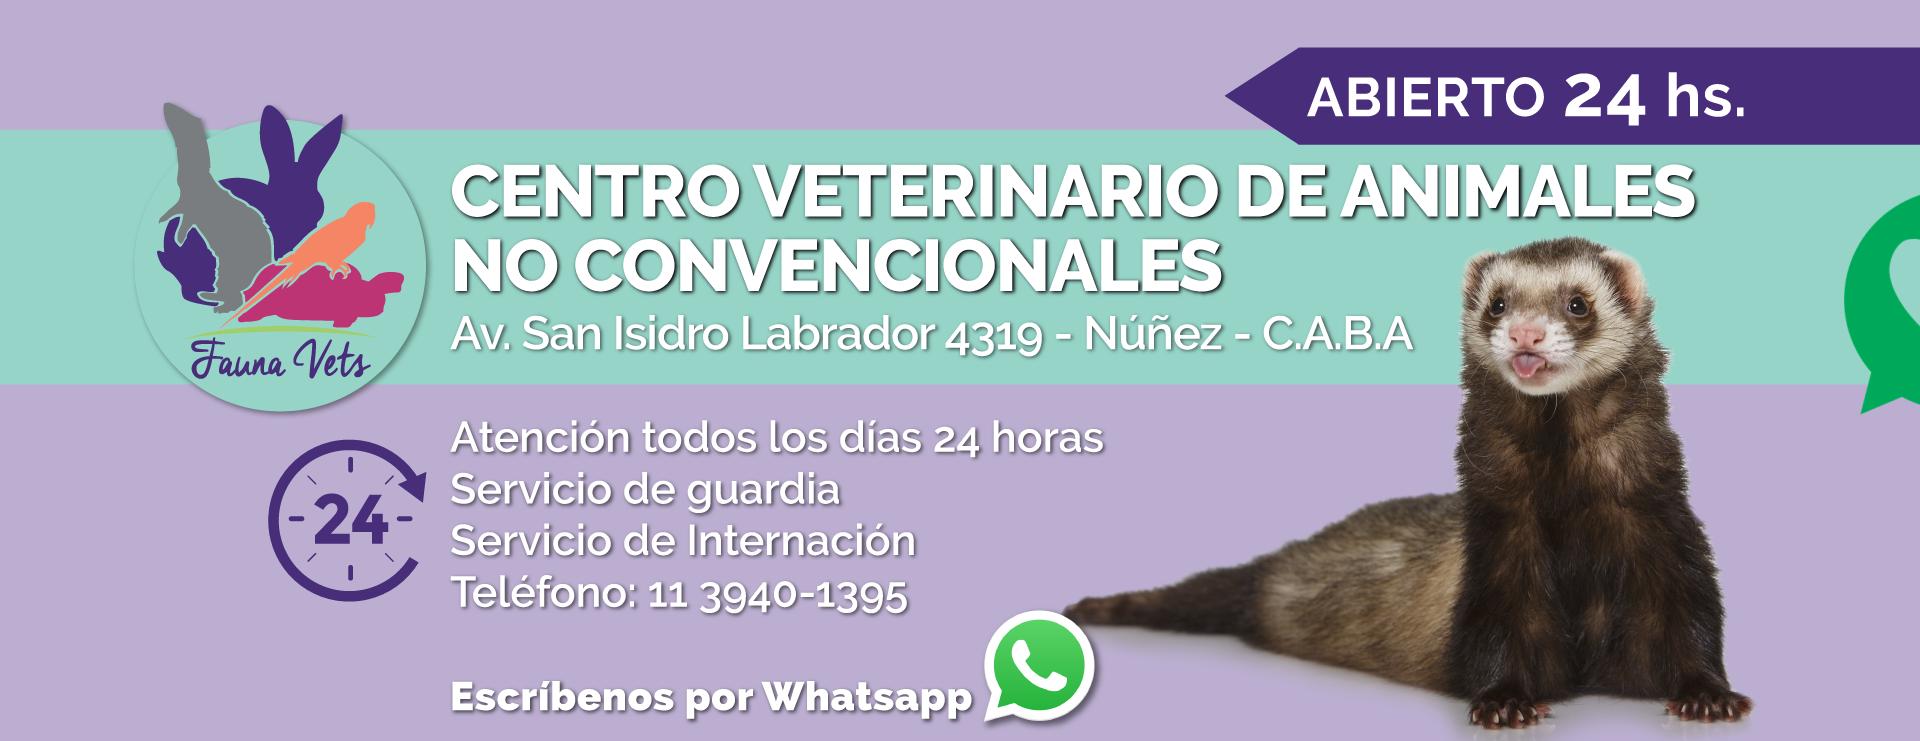 fauna vets - centro especializado en animales exoticos y no convencionales - fernando pedrosa - camila lascano - nicolas cohen